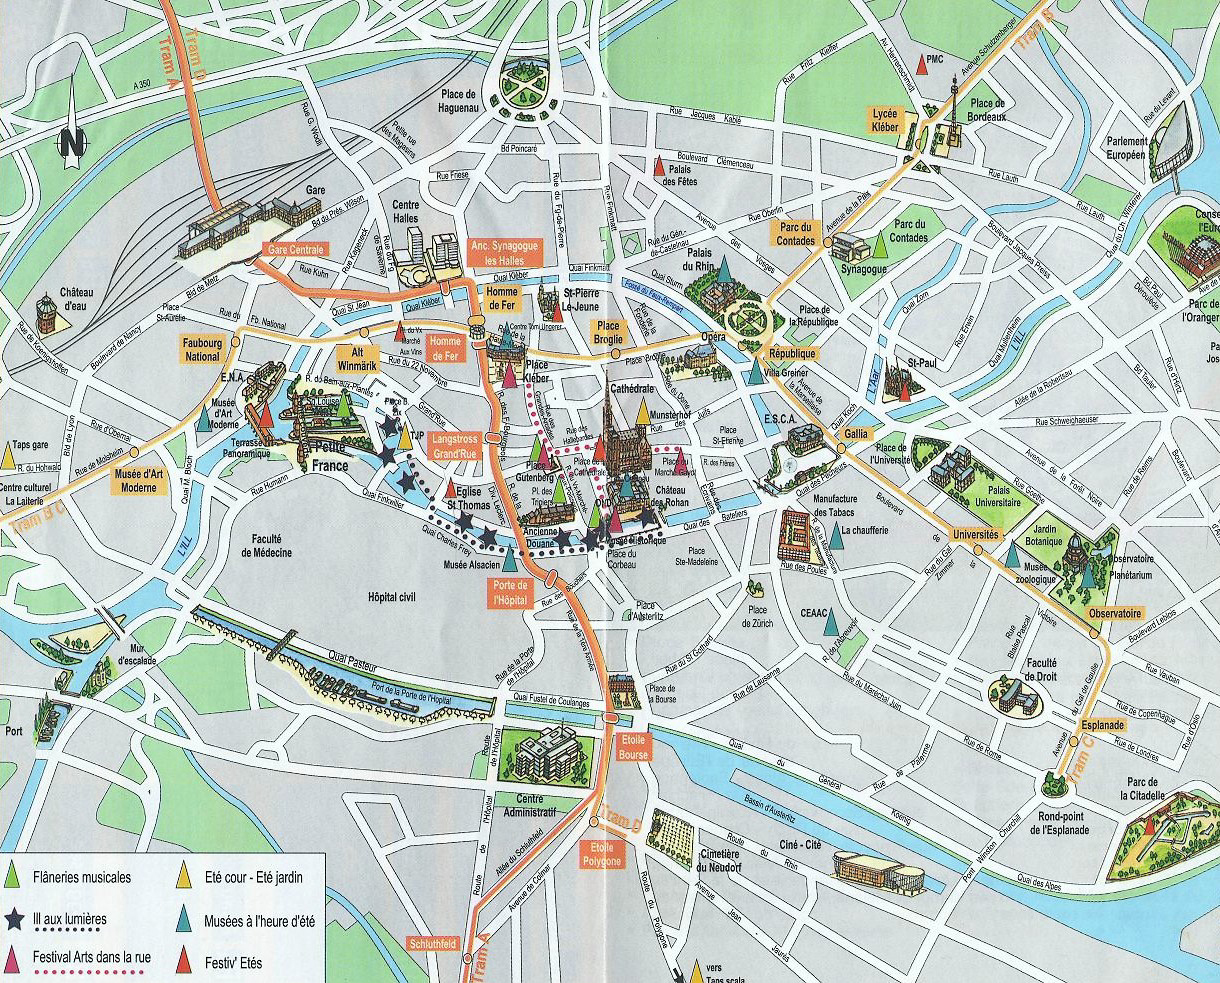 budapest nevezetességei térkép Fekete erdő 2013.08.24   2013.08.31. budapest nevezetességei térkép